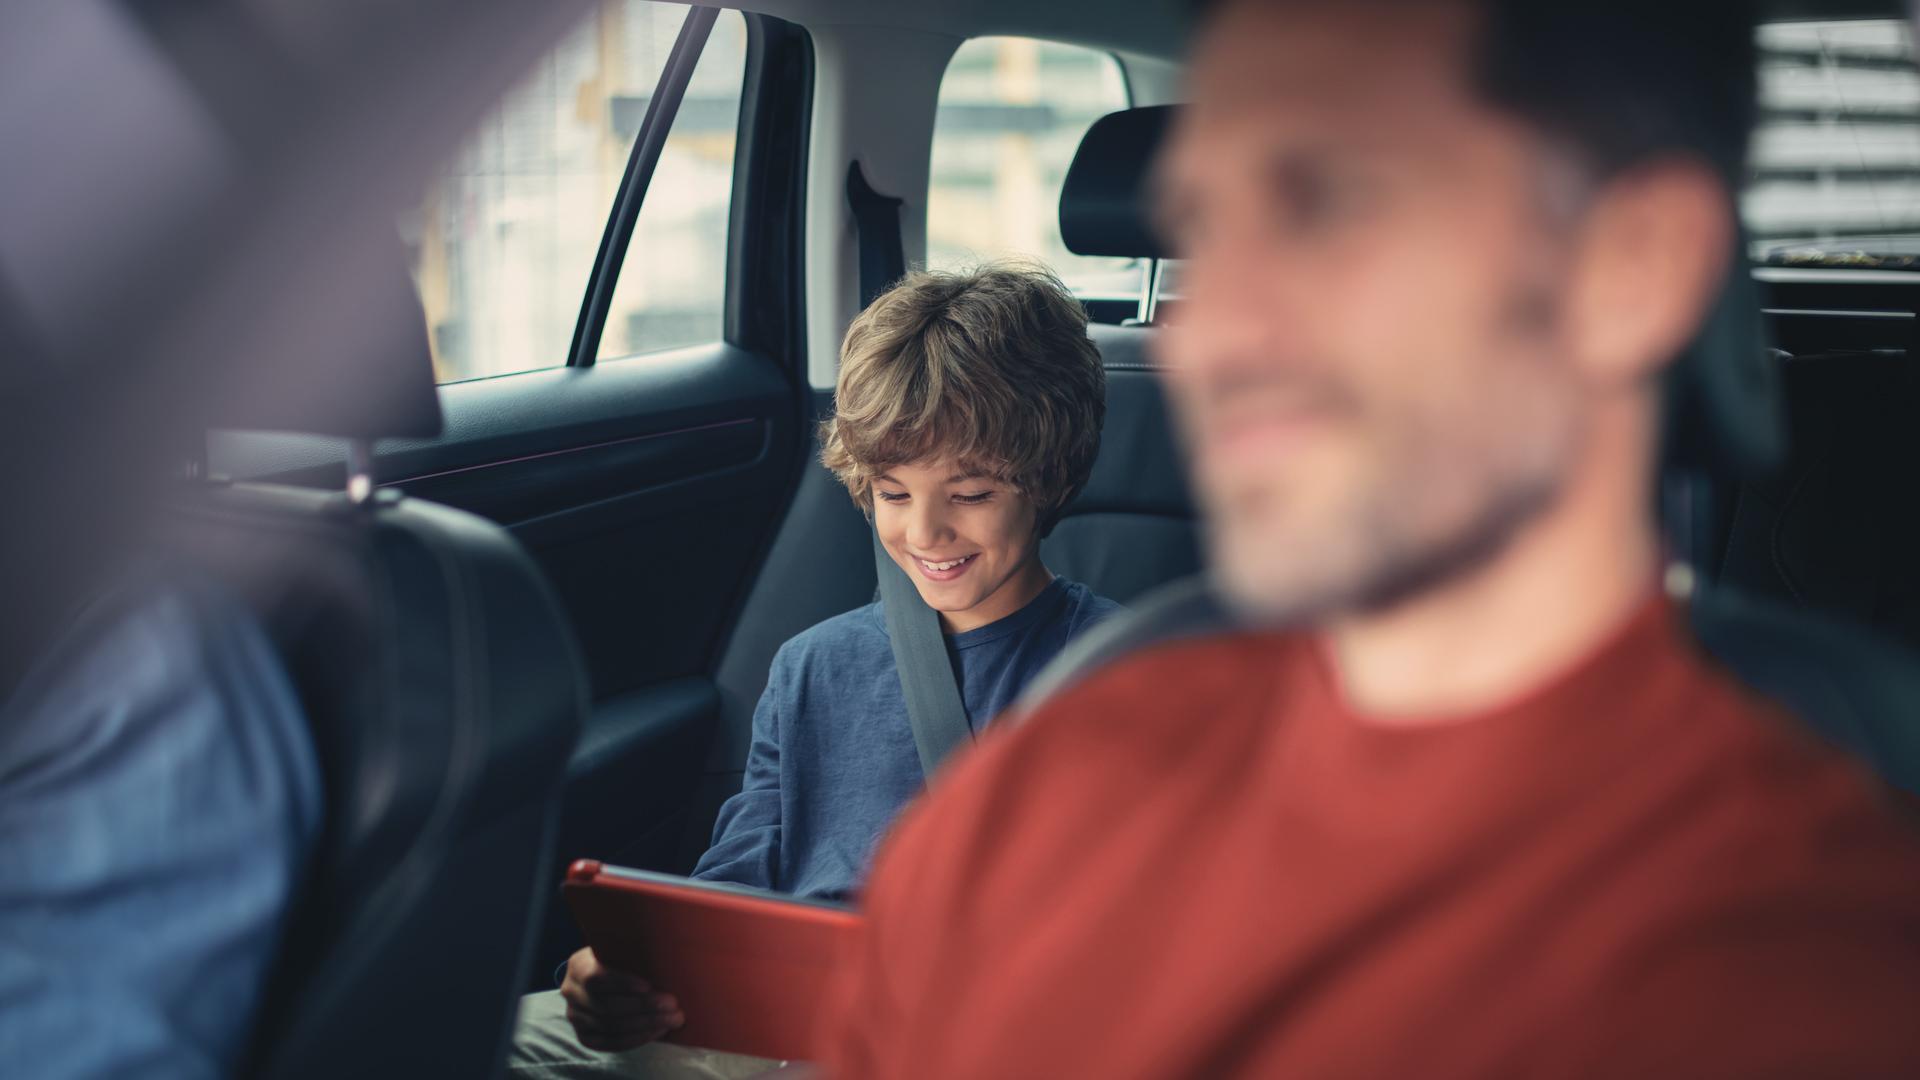 Eine Familie fährt im Auto, der Sohn sitzt auf dem Rücksitz liest etwas auf einem Tablet.